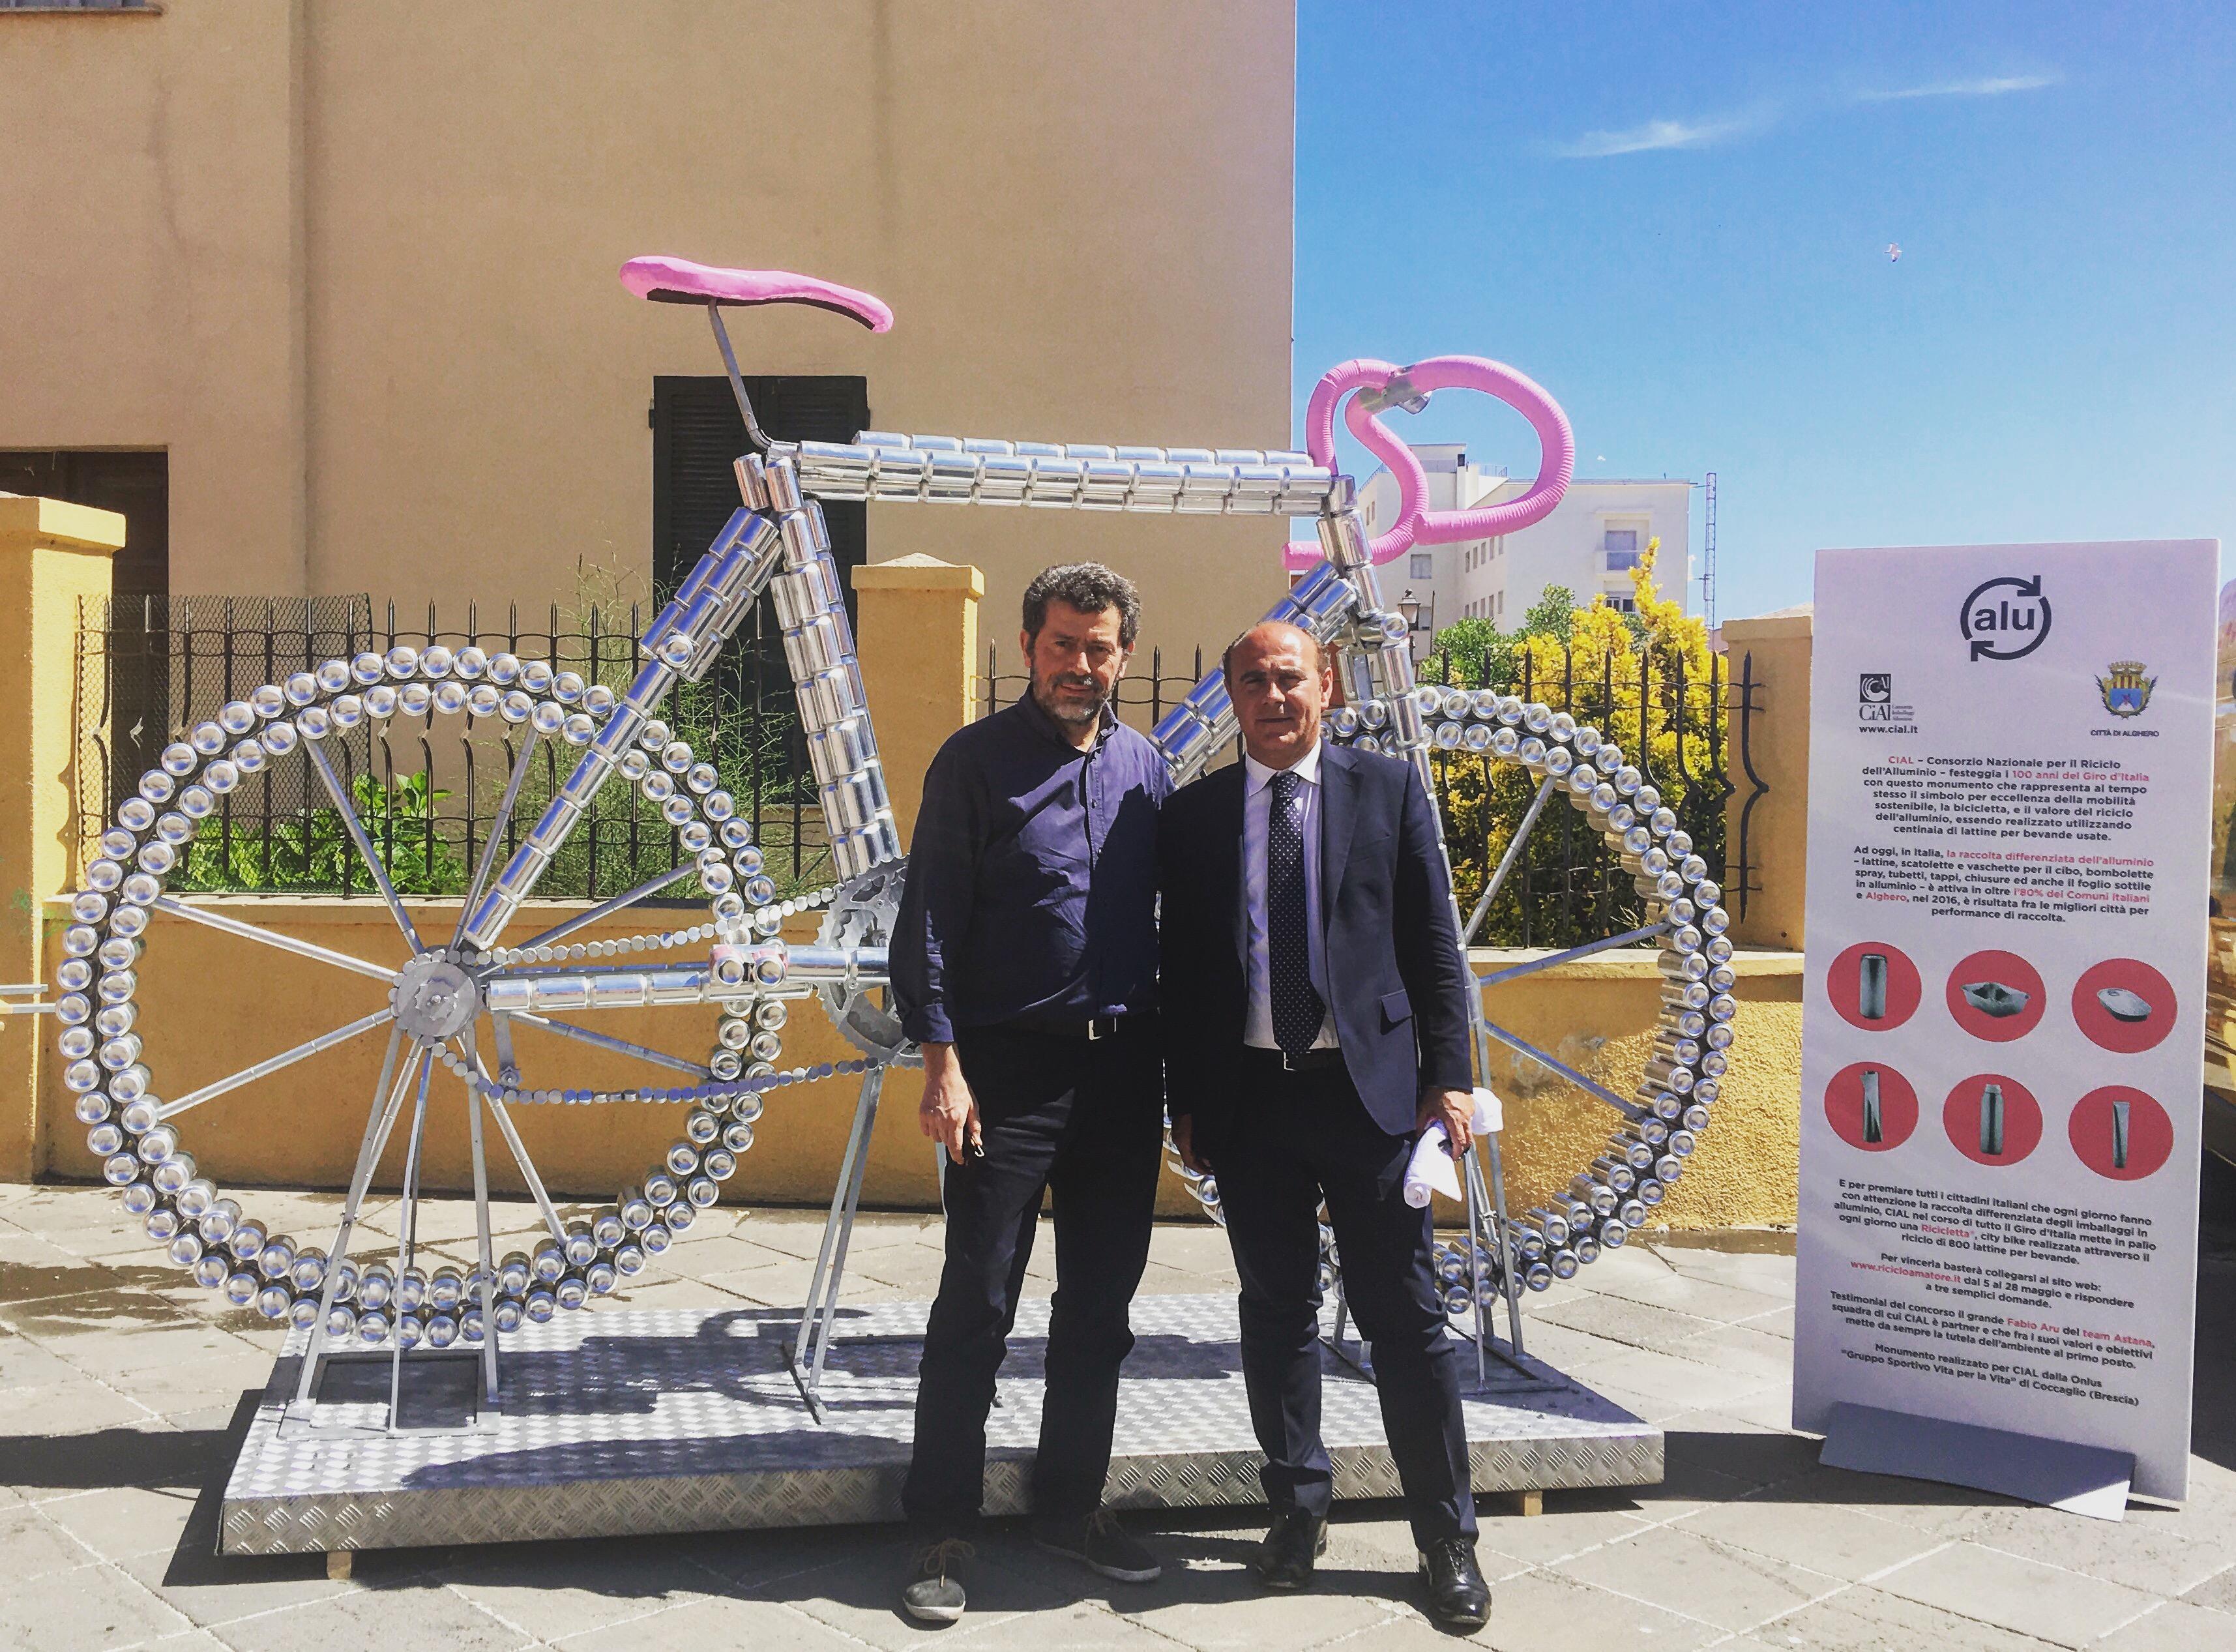 Alghero. Il Sindaco Bruno e Gino Schiona inaugurano il monumento di lattine di CIAL al Giro d'Itaiia 2017